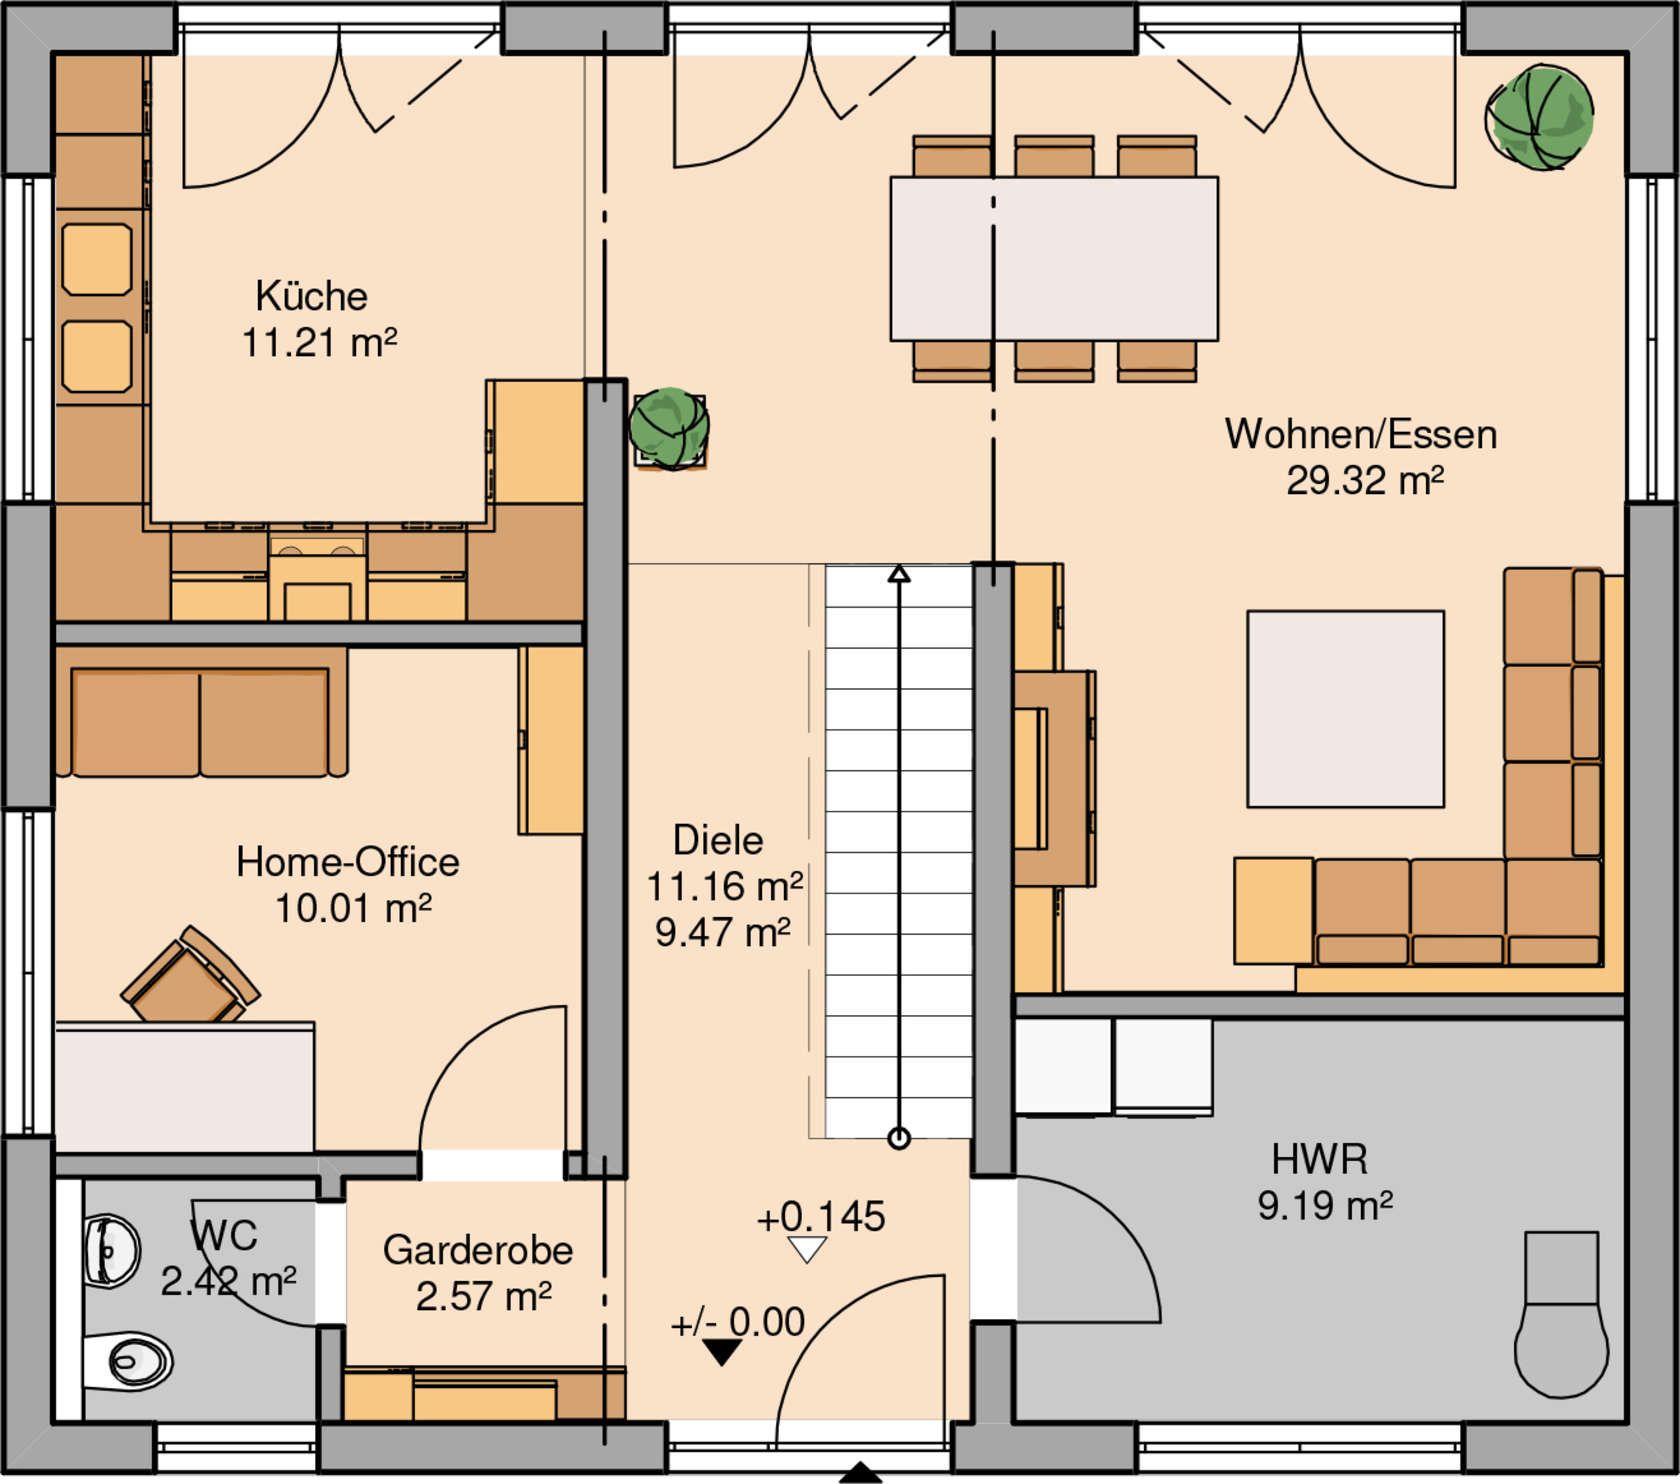 Küchenplan grundriss häuser  grundrisse  pinterest  casas planos de casas und planos